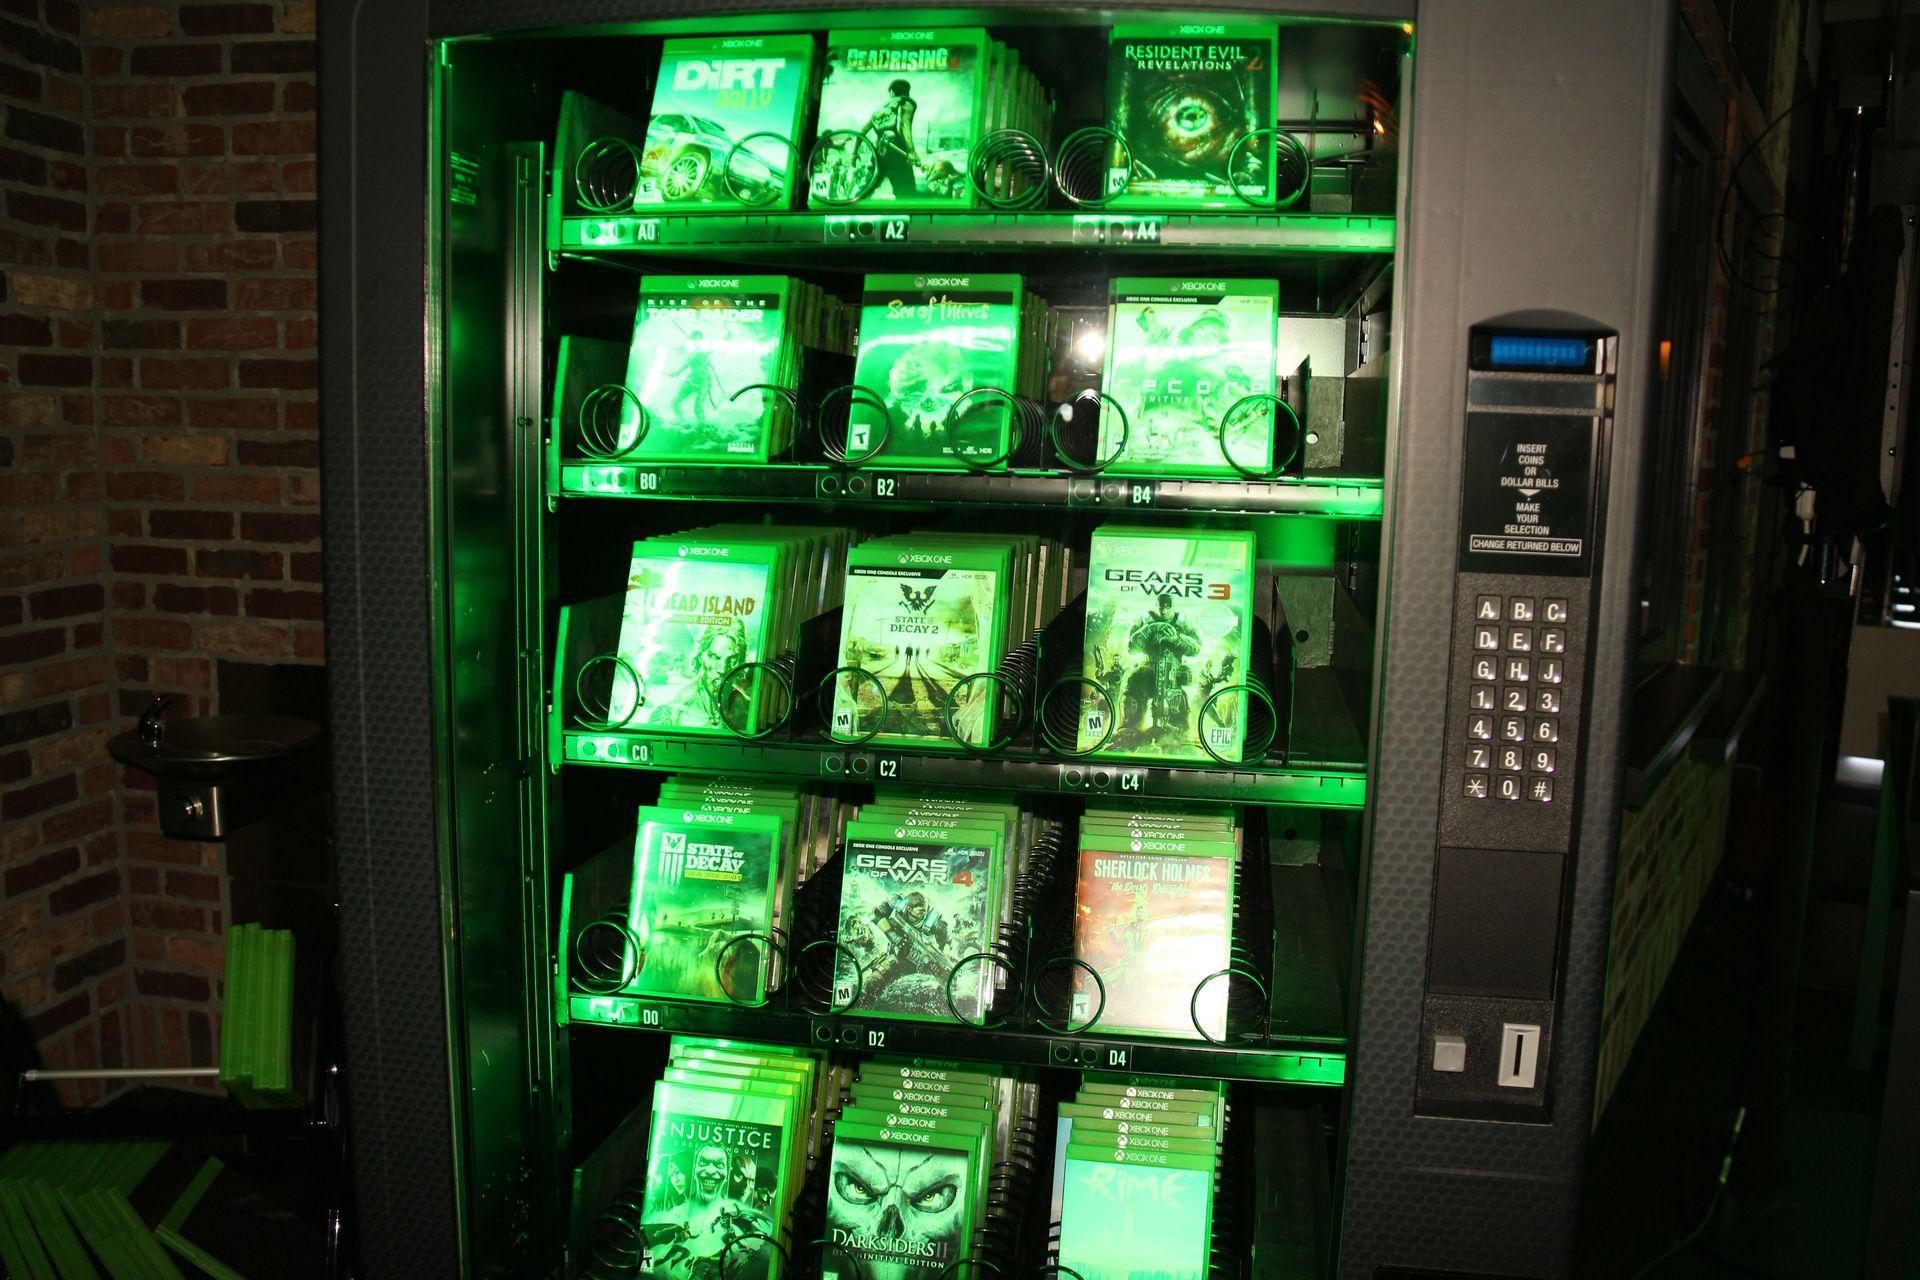 今年、Microsoftが新作タイトルを展開していたMicrosoft Theaterでは、自販機や電飾ポップ、案内板など様々な形で「Xbox Game Pass」をアピールしていた